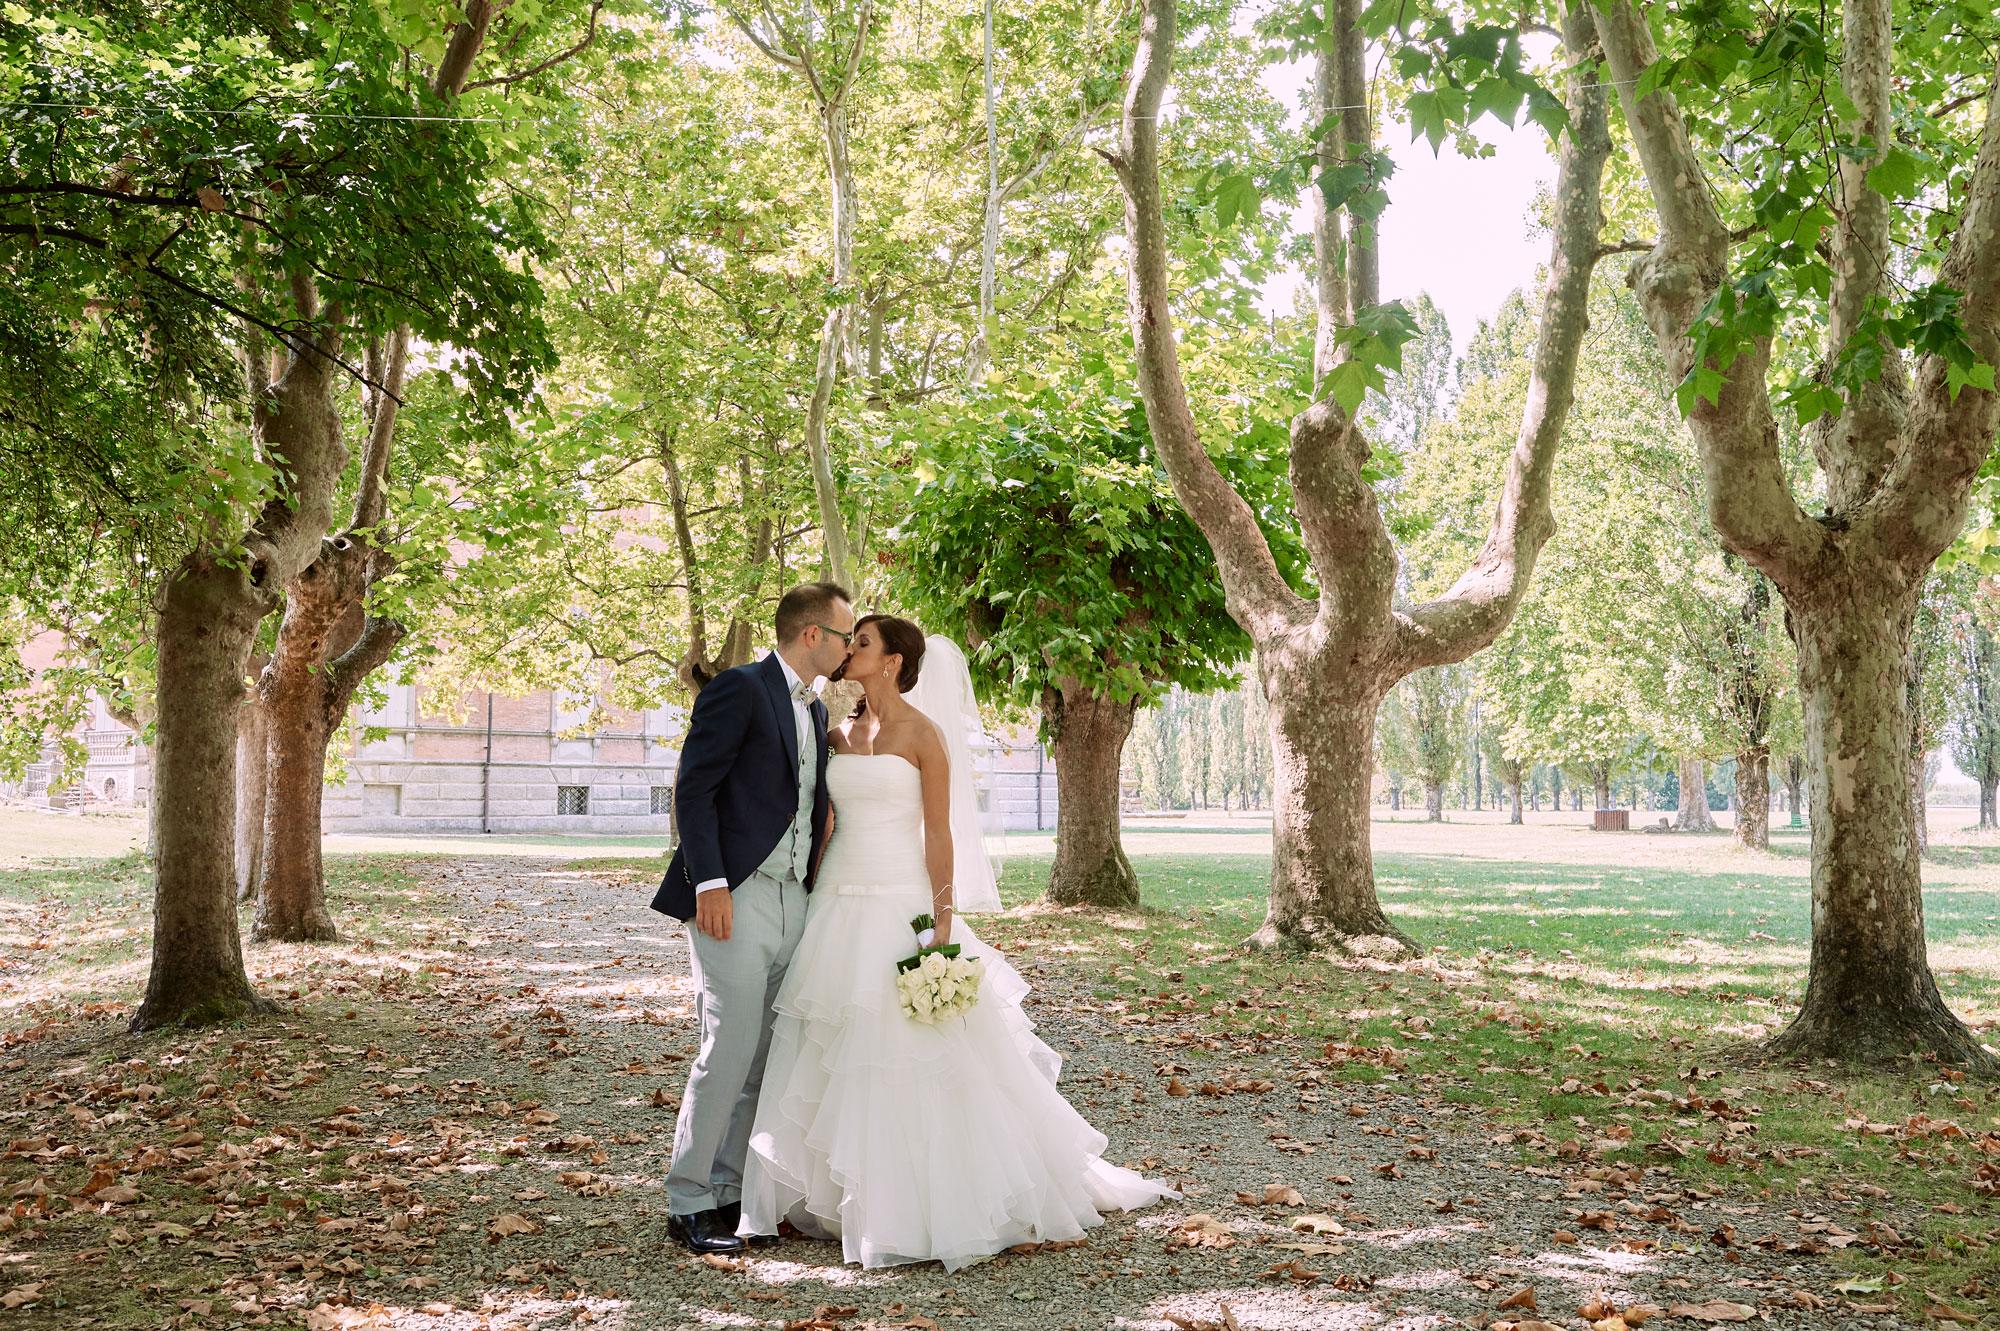 17-ivano_di_maria_fotografo_matrimonio_ erica_vito